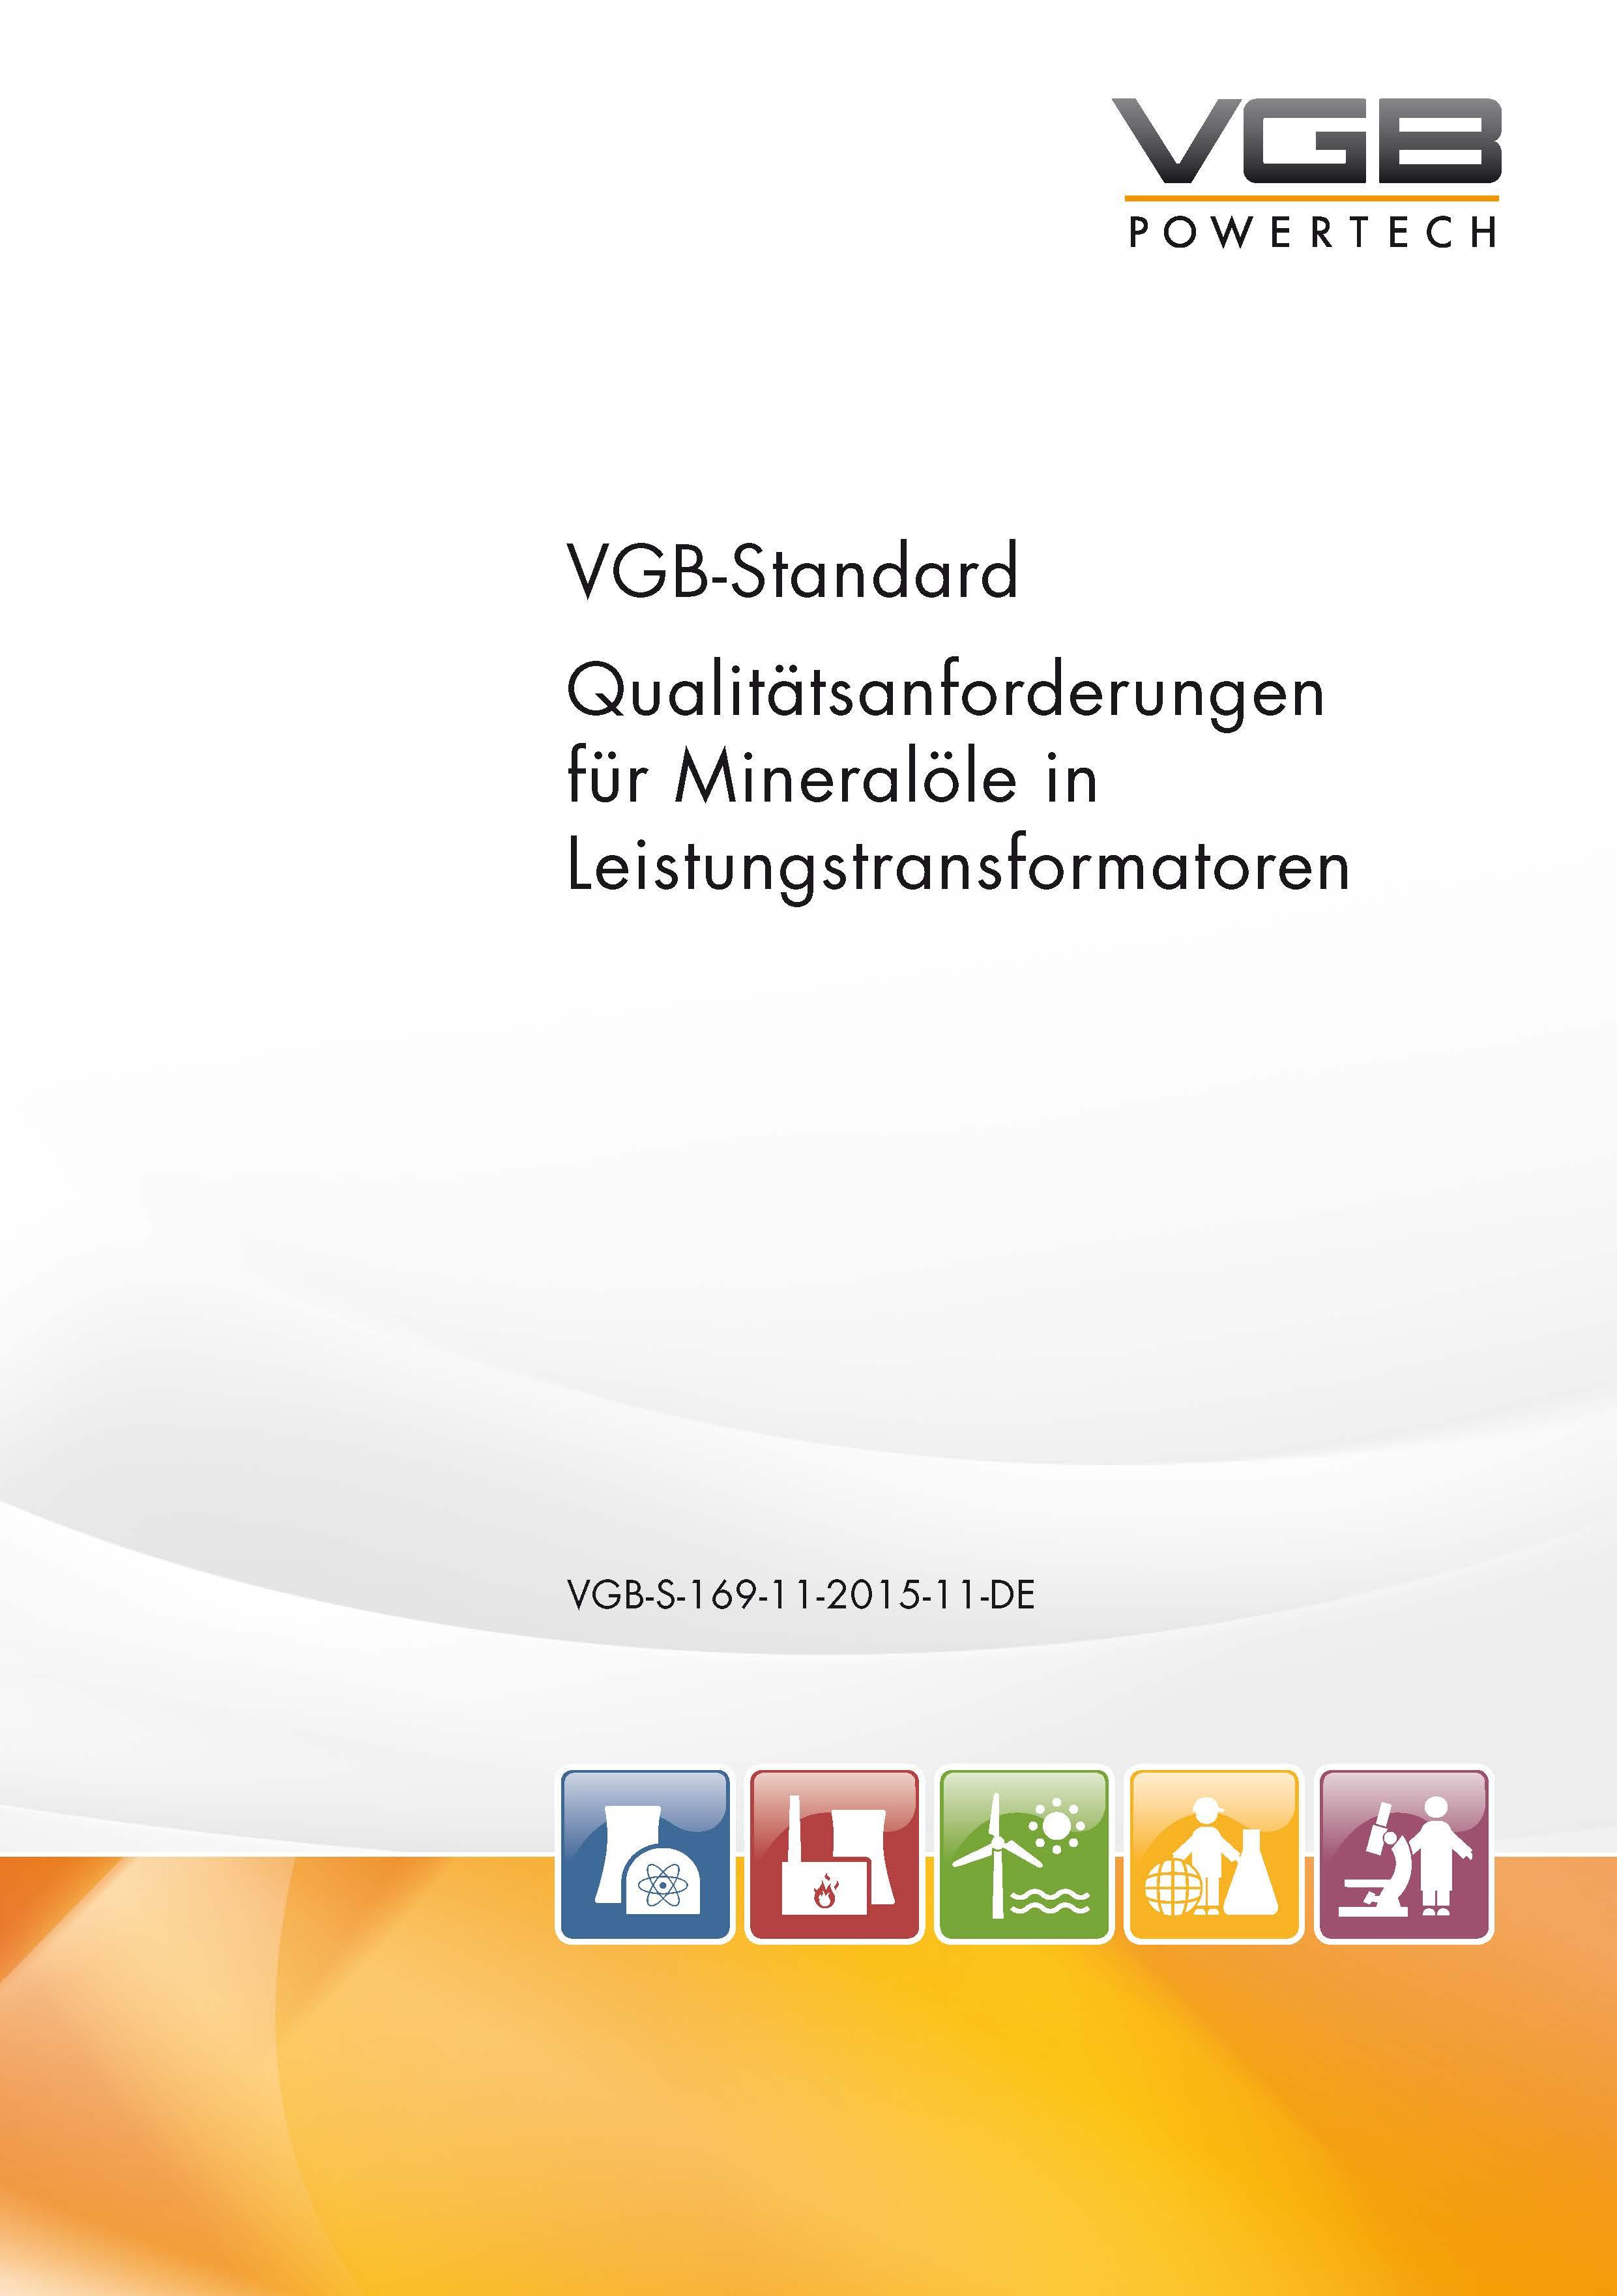 Qualitätsanforderungen für Mineralöle in Leistungstransformatoren - eBook